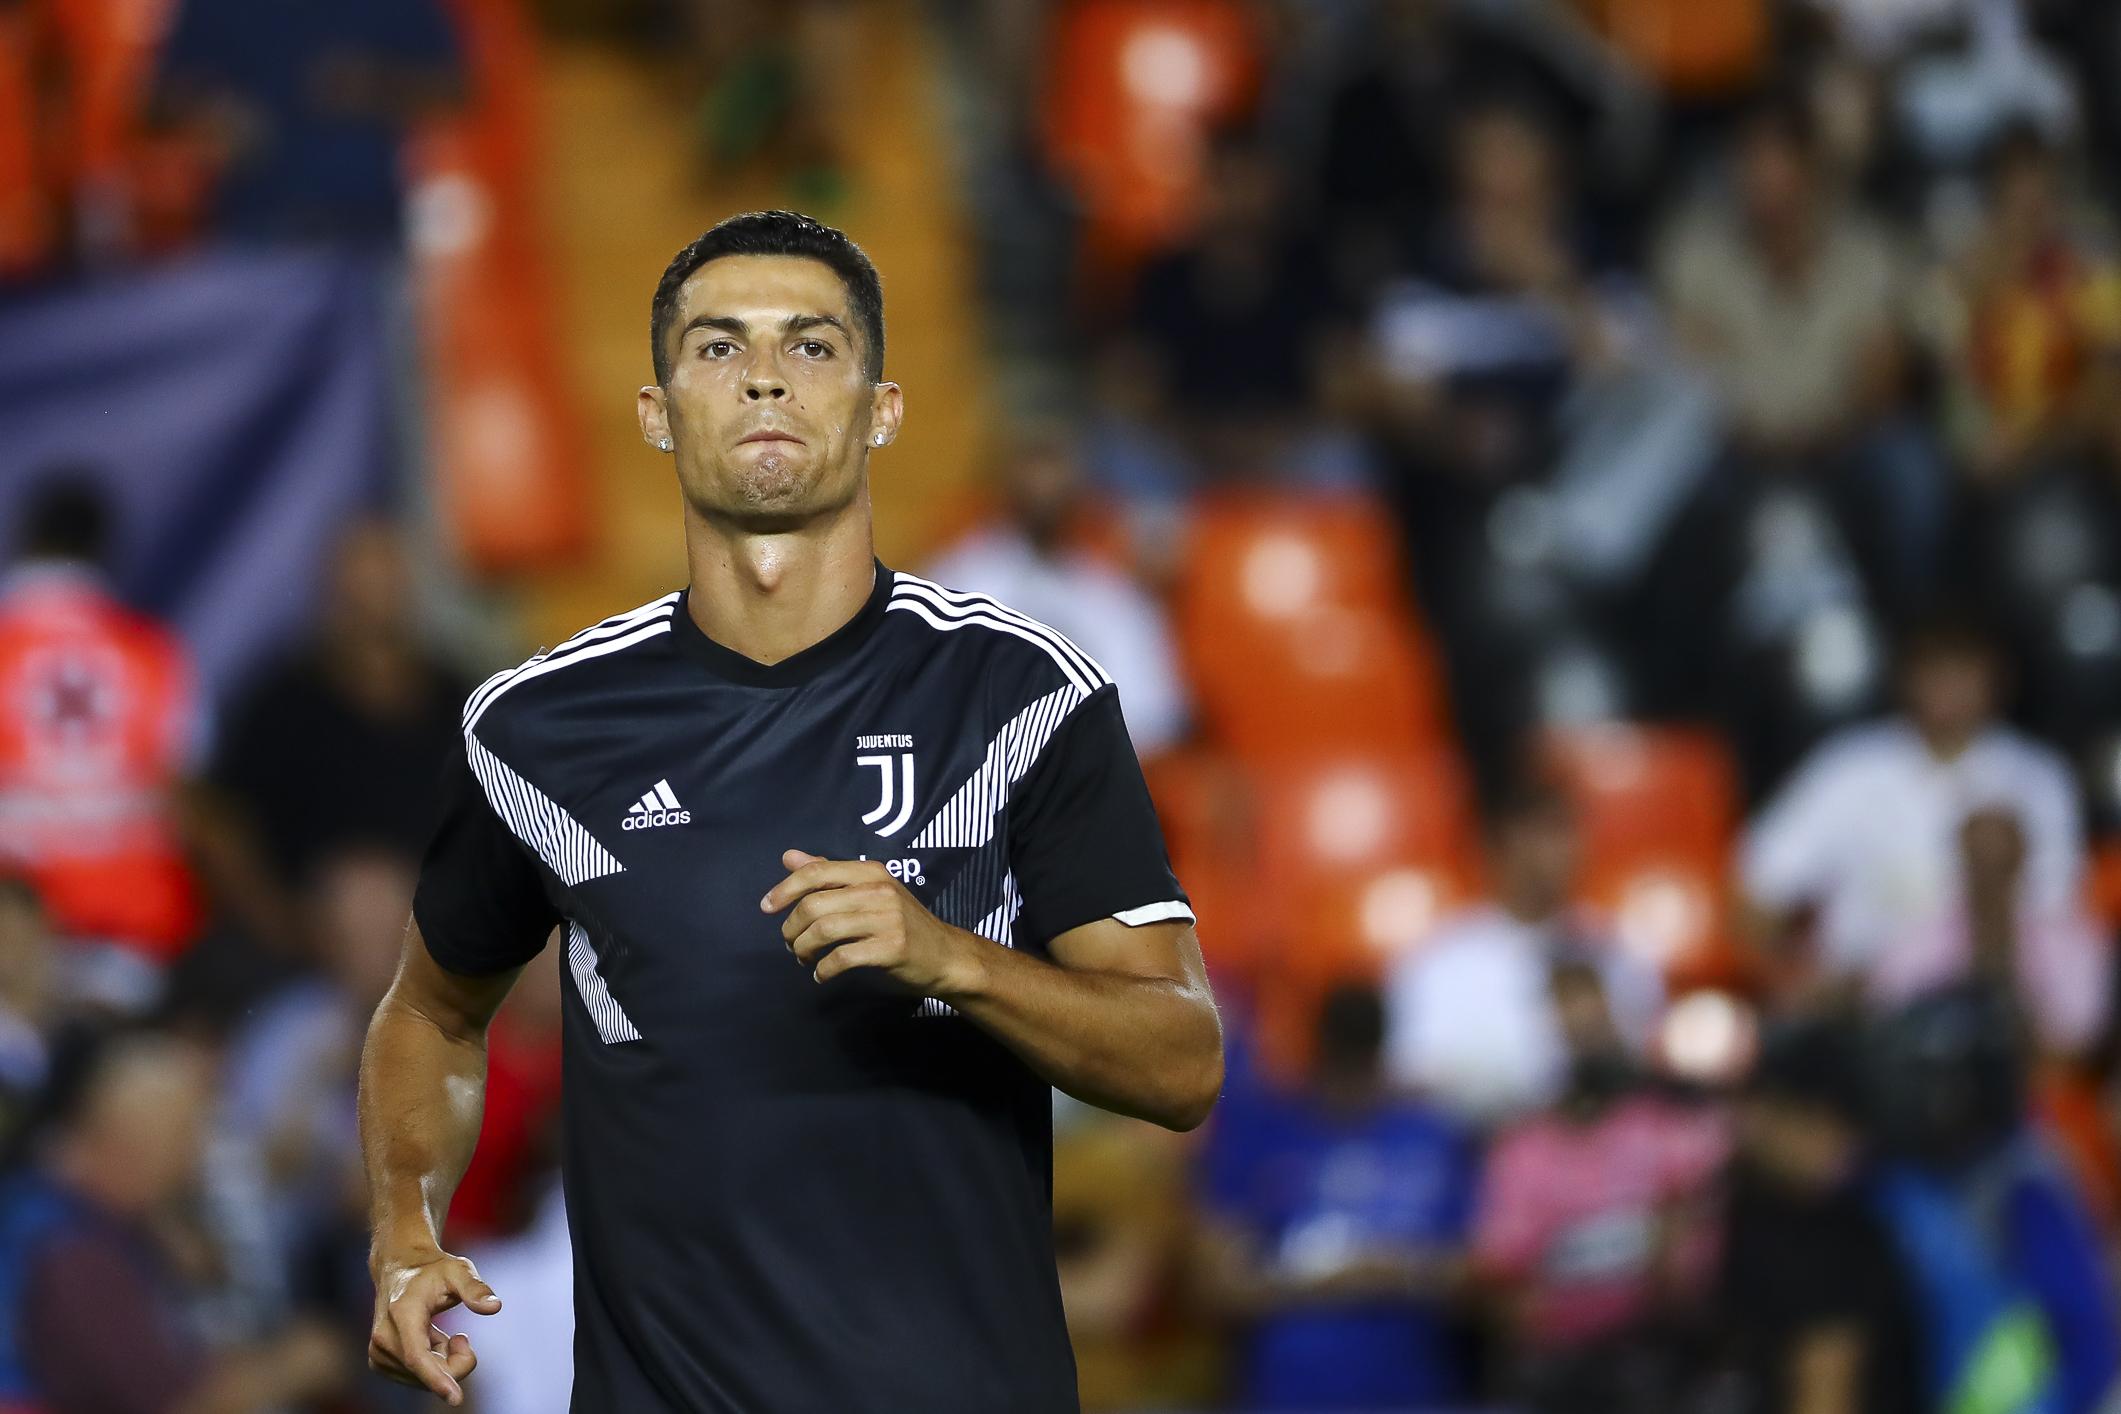 A nova estrela da Juventus ocupa o Top 3 dos mais bem pagos / Gtres